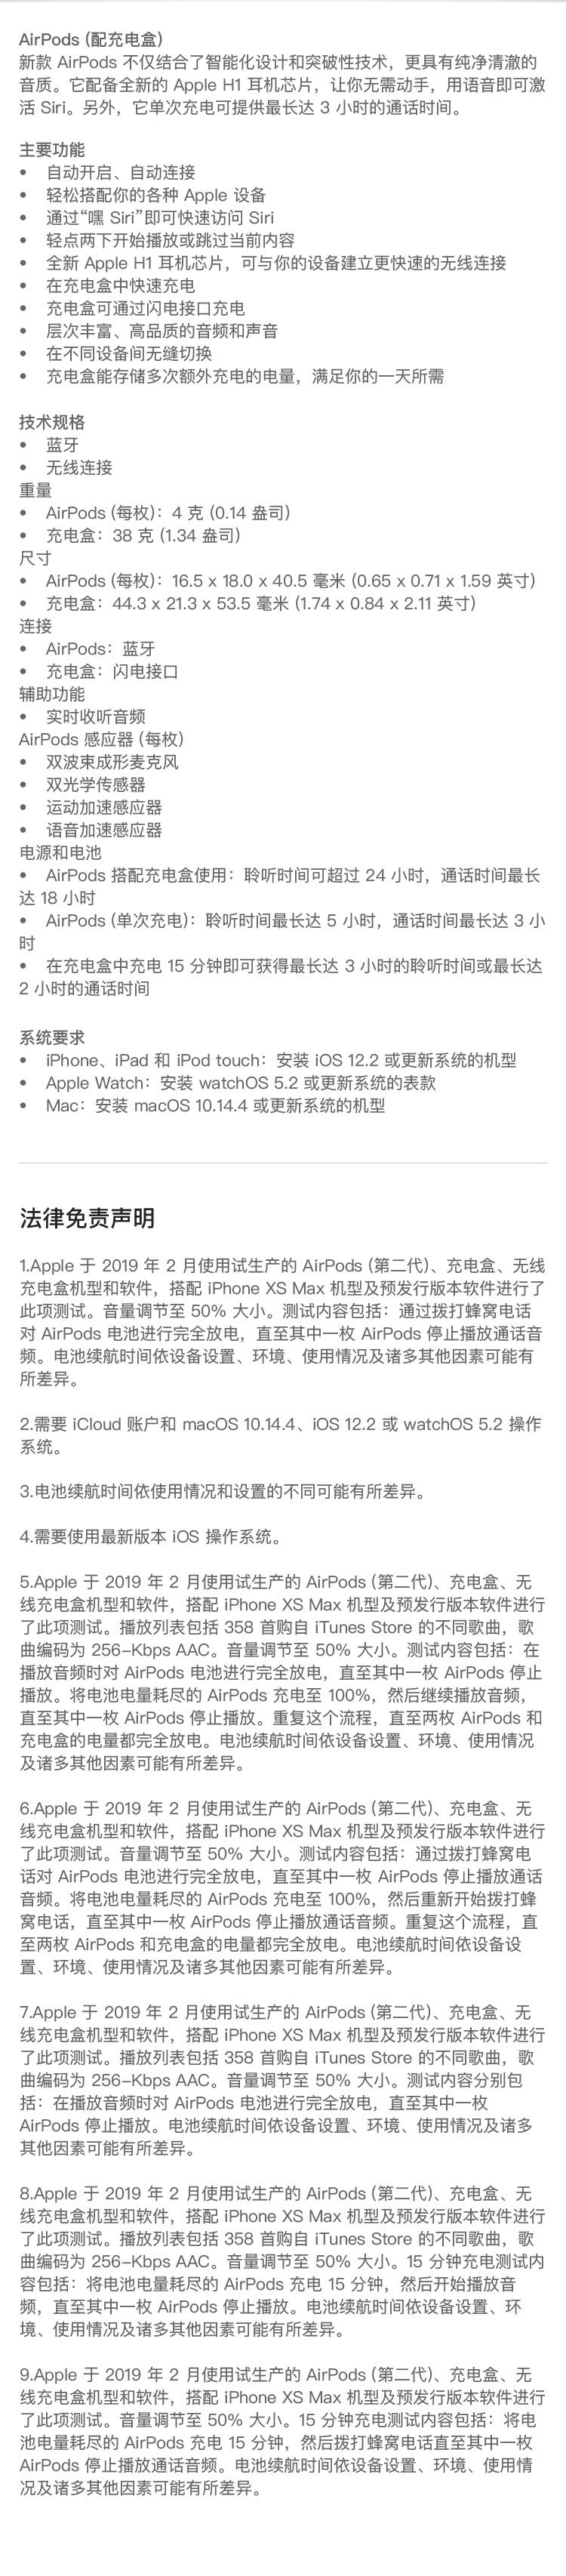 Apple AirPods 配充电盒 Apple蓝牙耳机 适用iPhone/iPad/Apple Watch